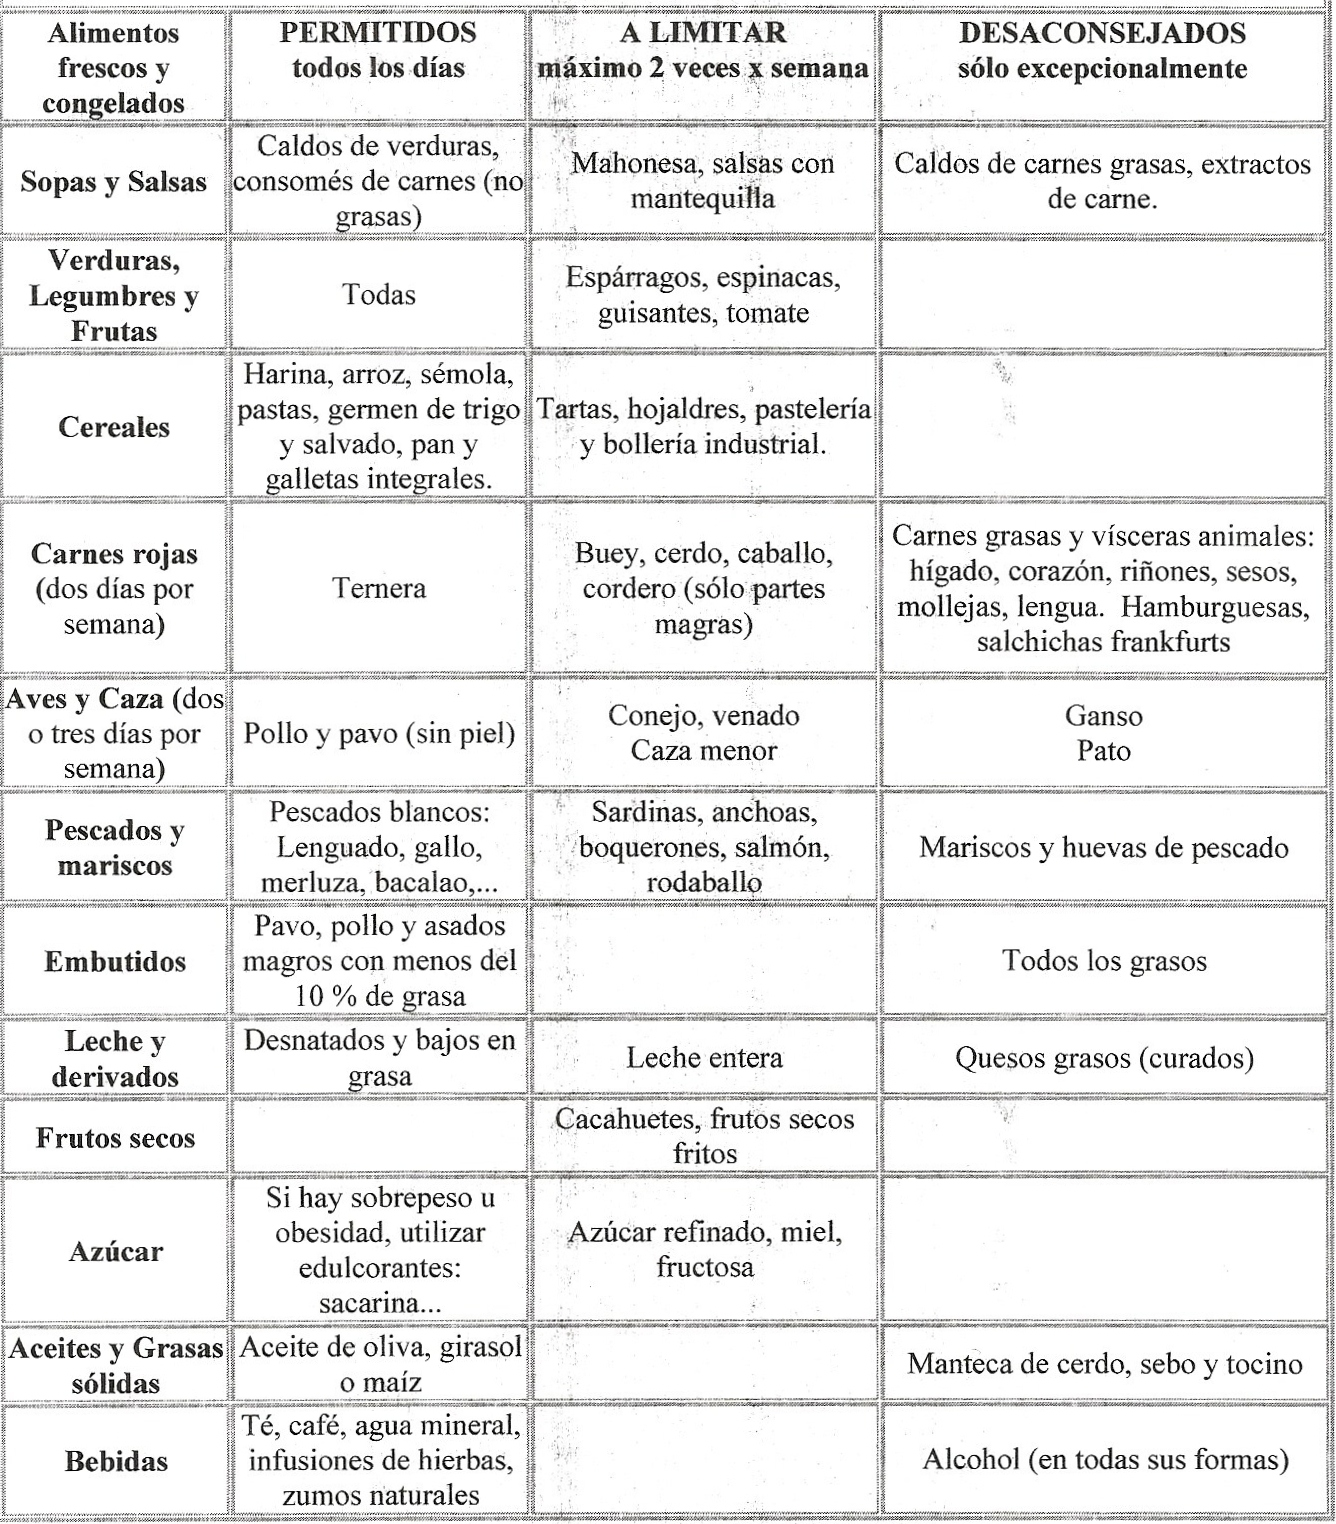 dolor dedo gordo pie derecho gota tratamiento para la gota pdf acido urico 8.3 mg dl